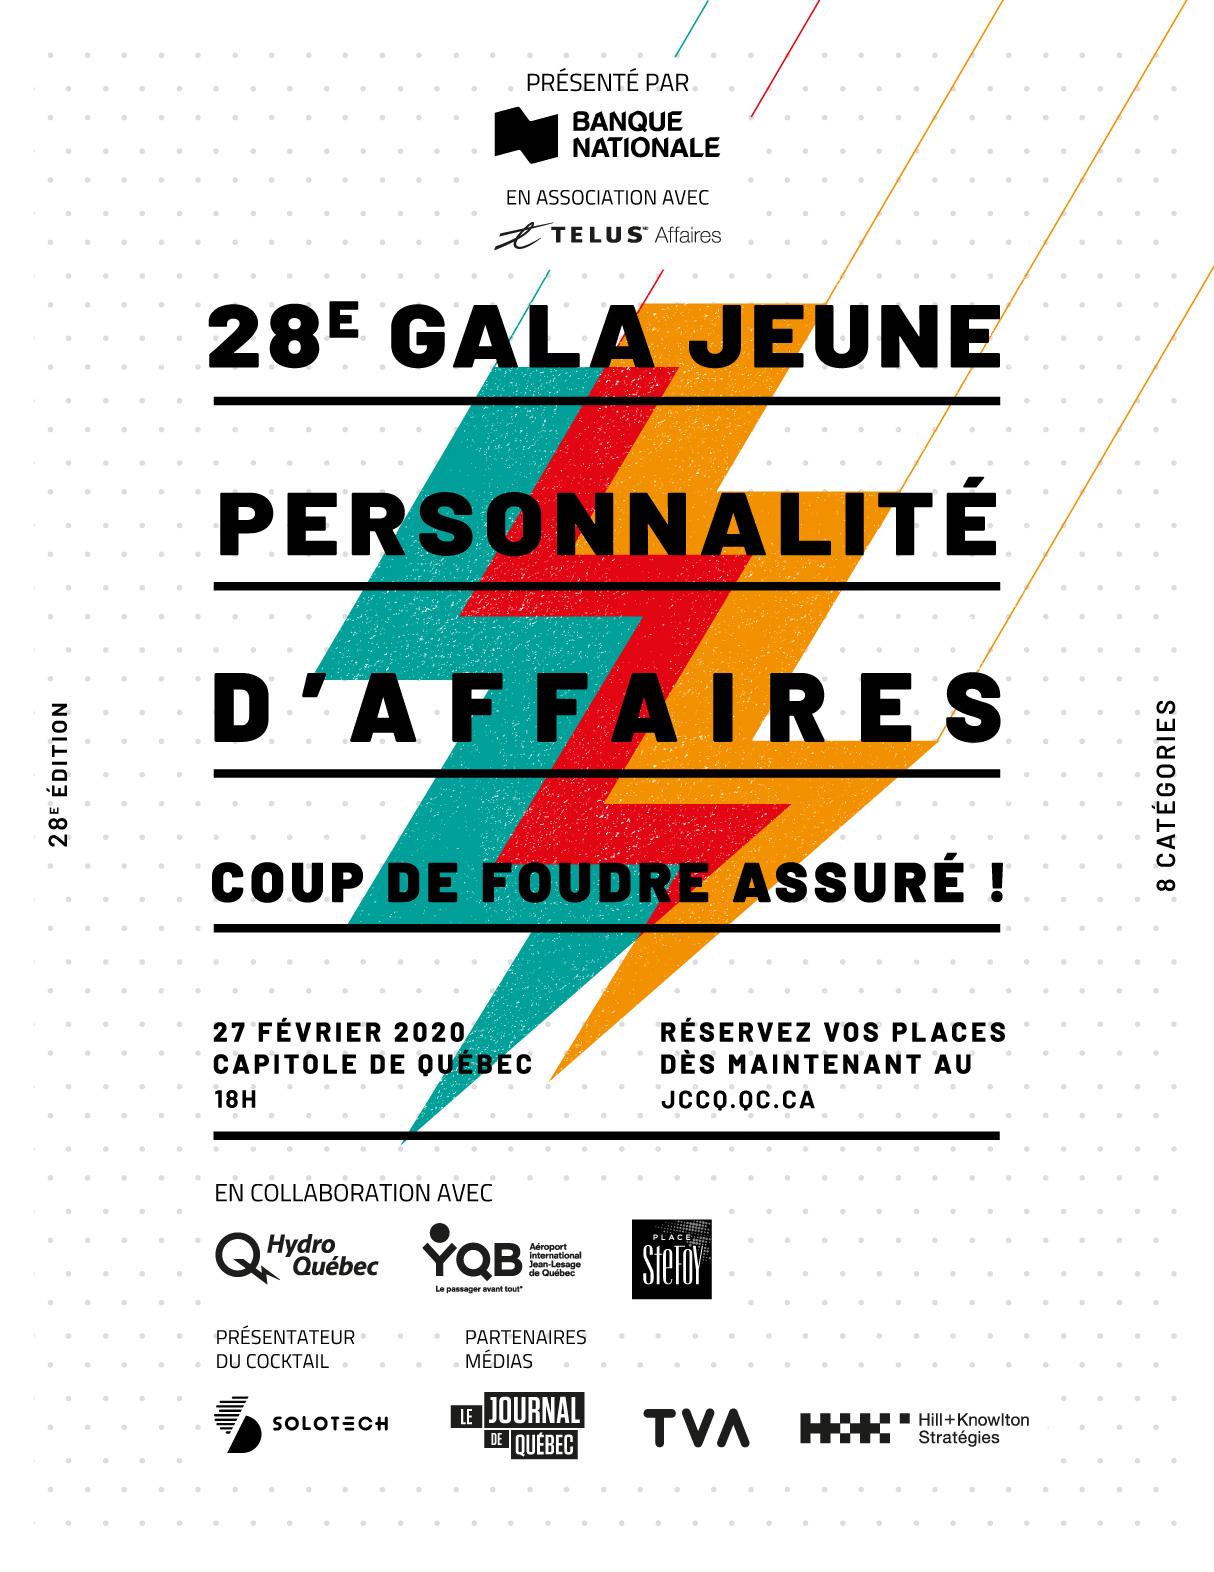 28e Gala Jeune Personnalité d'Affaires Banque Nationale